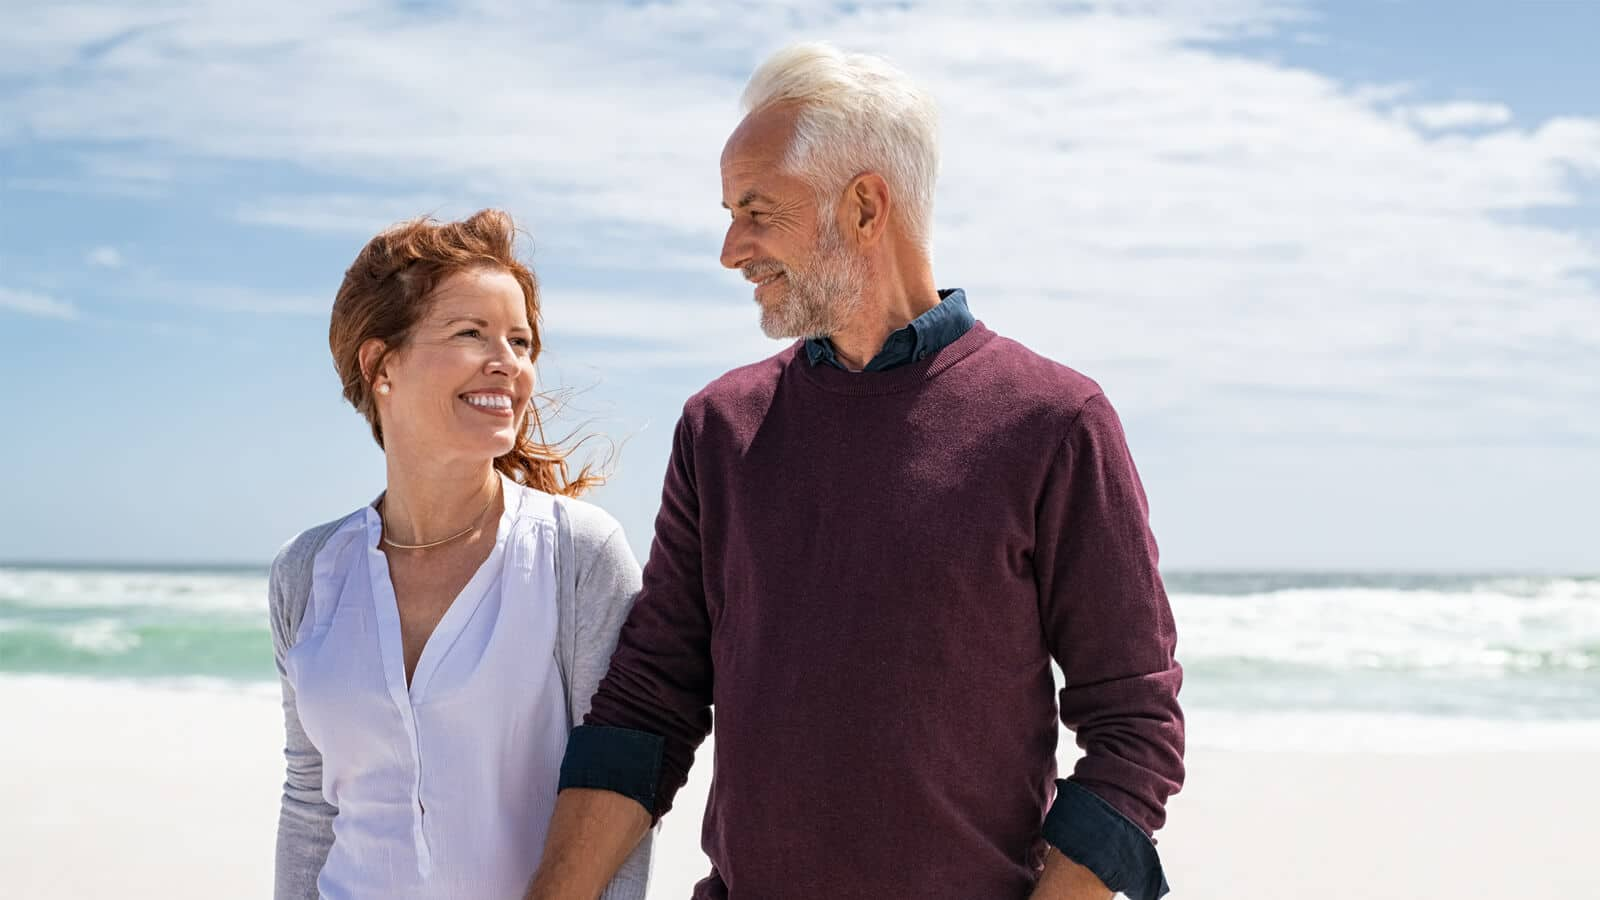 Retiring Overseas The Growing Trend